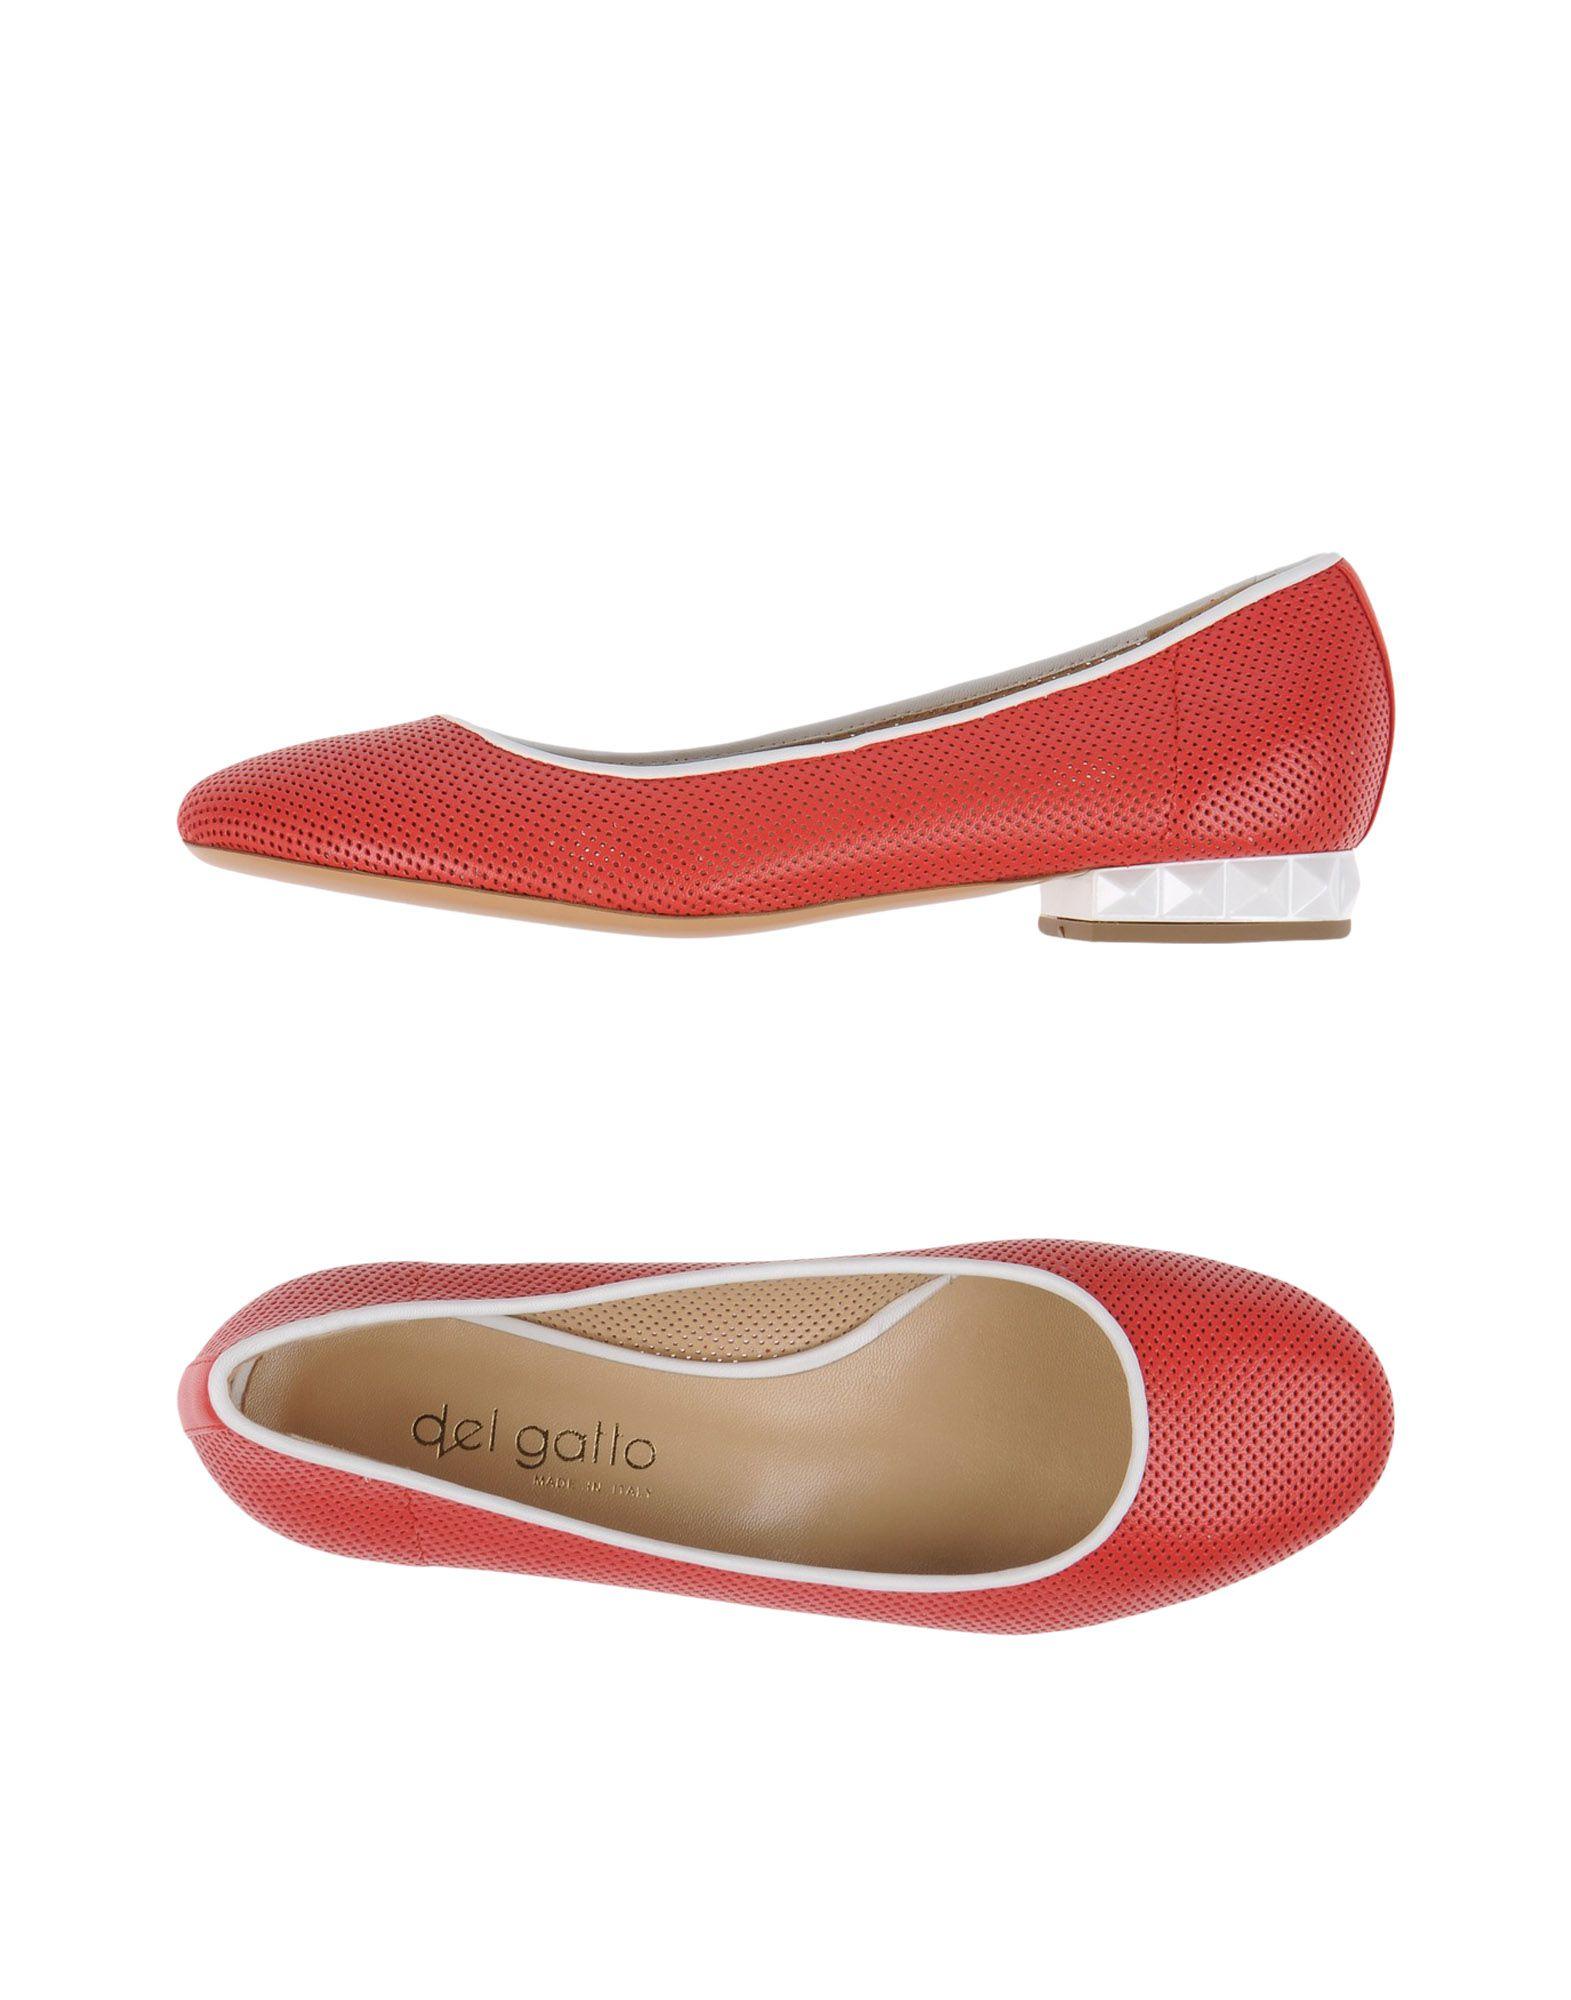 Del Gatto Ballerinas Damen    11196284QD Gute Qualität beliebte Schuhe 801ee0